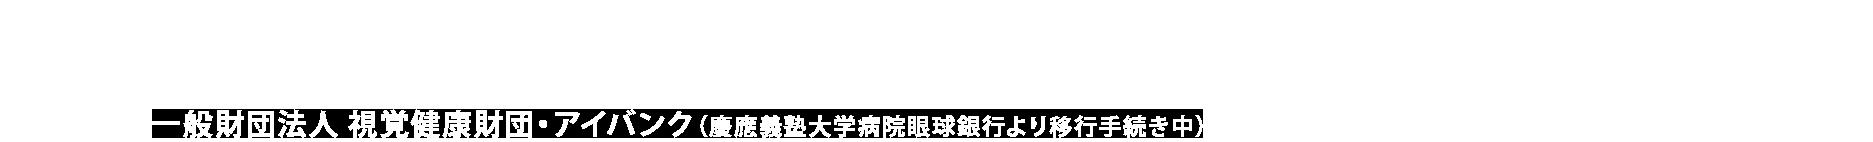 主催:東京歯科大学市川総合病院 角膜センター・アイバンク